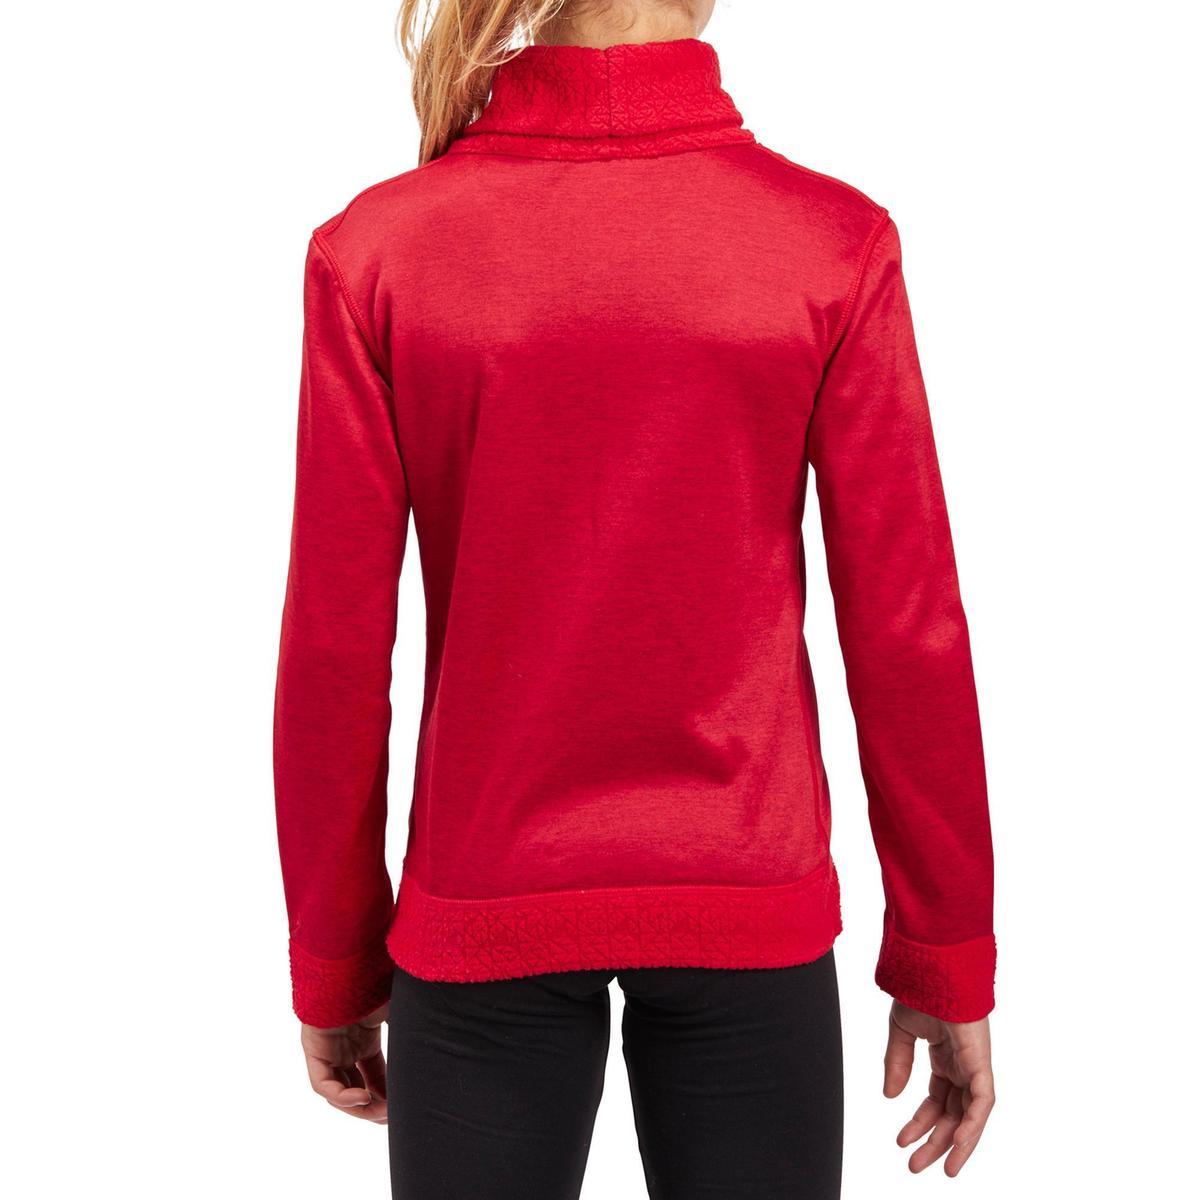 Bild 4 von Skiunterwäsche Funktionsshirt 2Warm Kinder rot